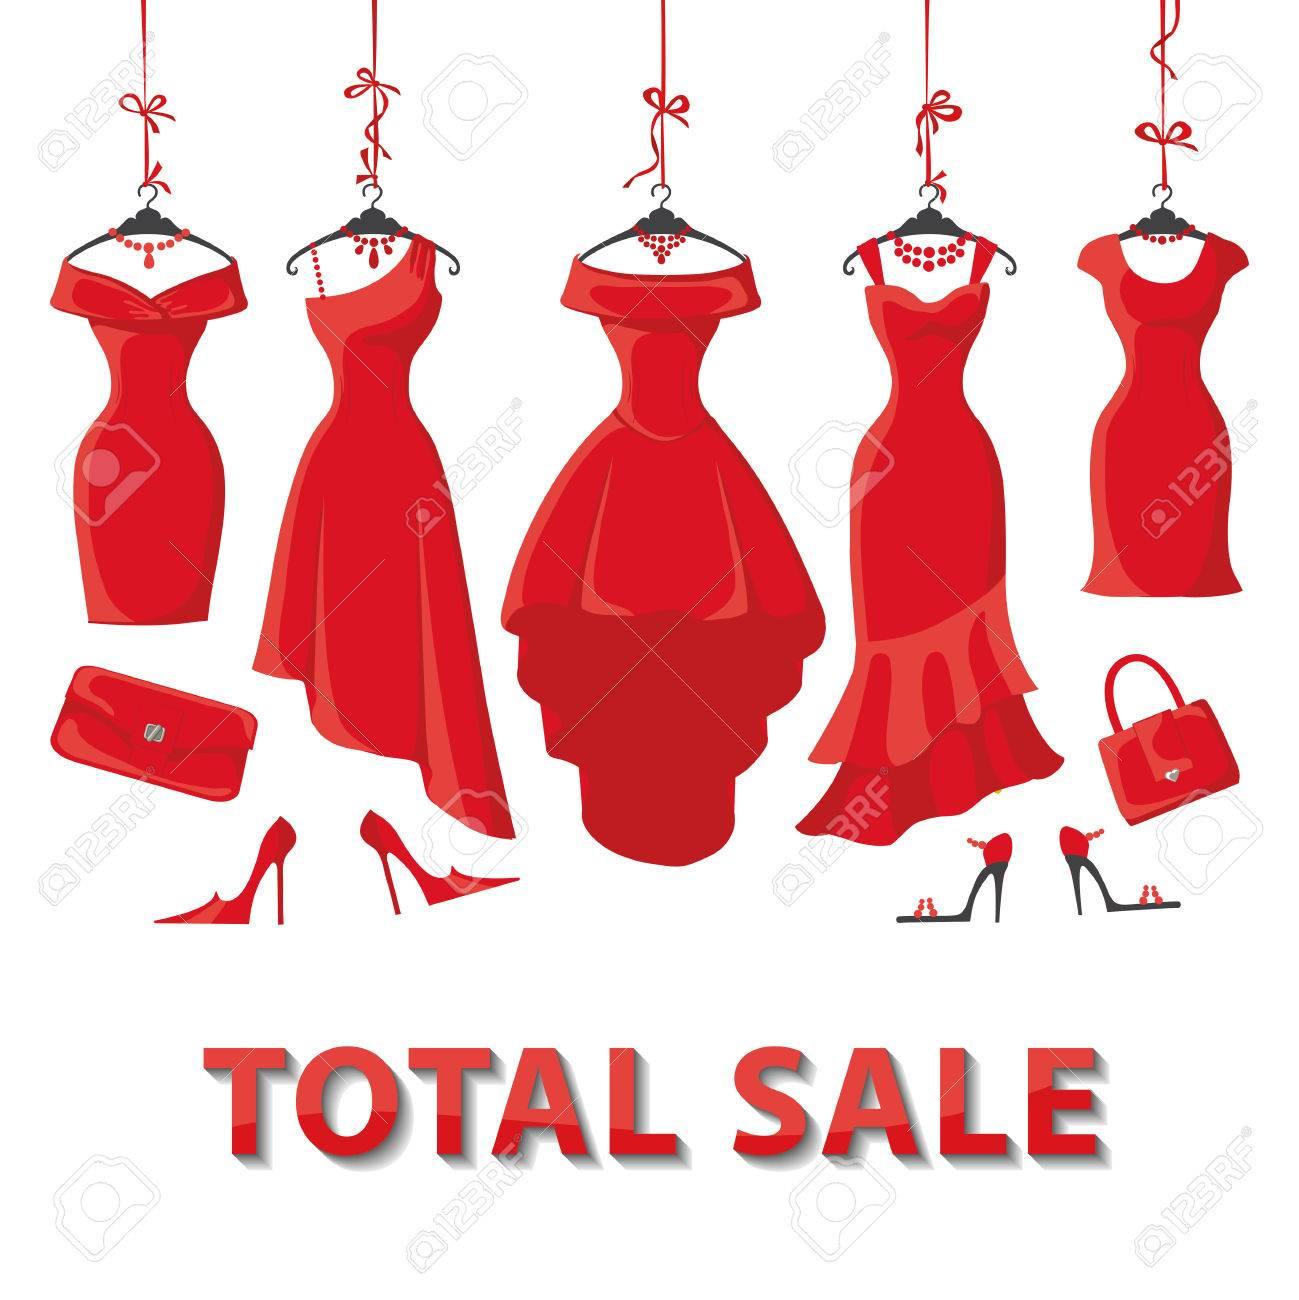 rote frau kleider auf einem aufhänger und mode-accessoires set.summer  verkauf partei. kurze und lange elegantes design dame kleid, handtaschen,  schuhe